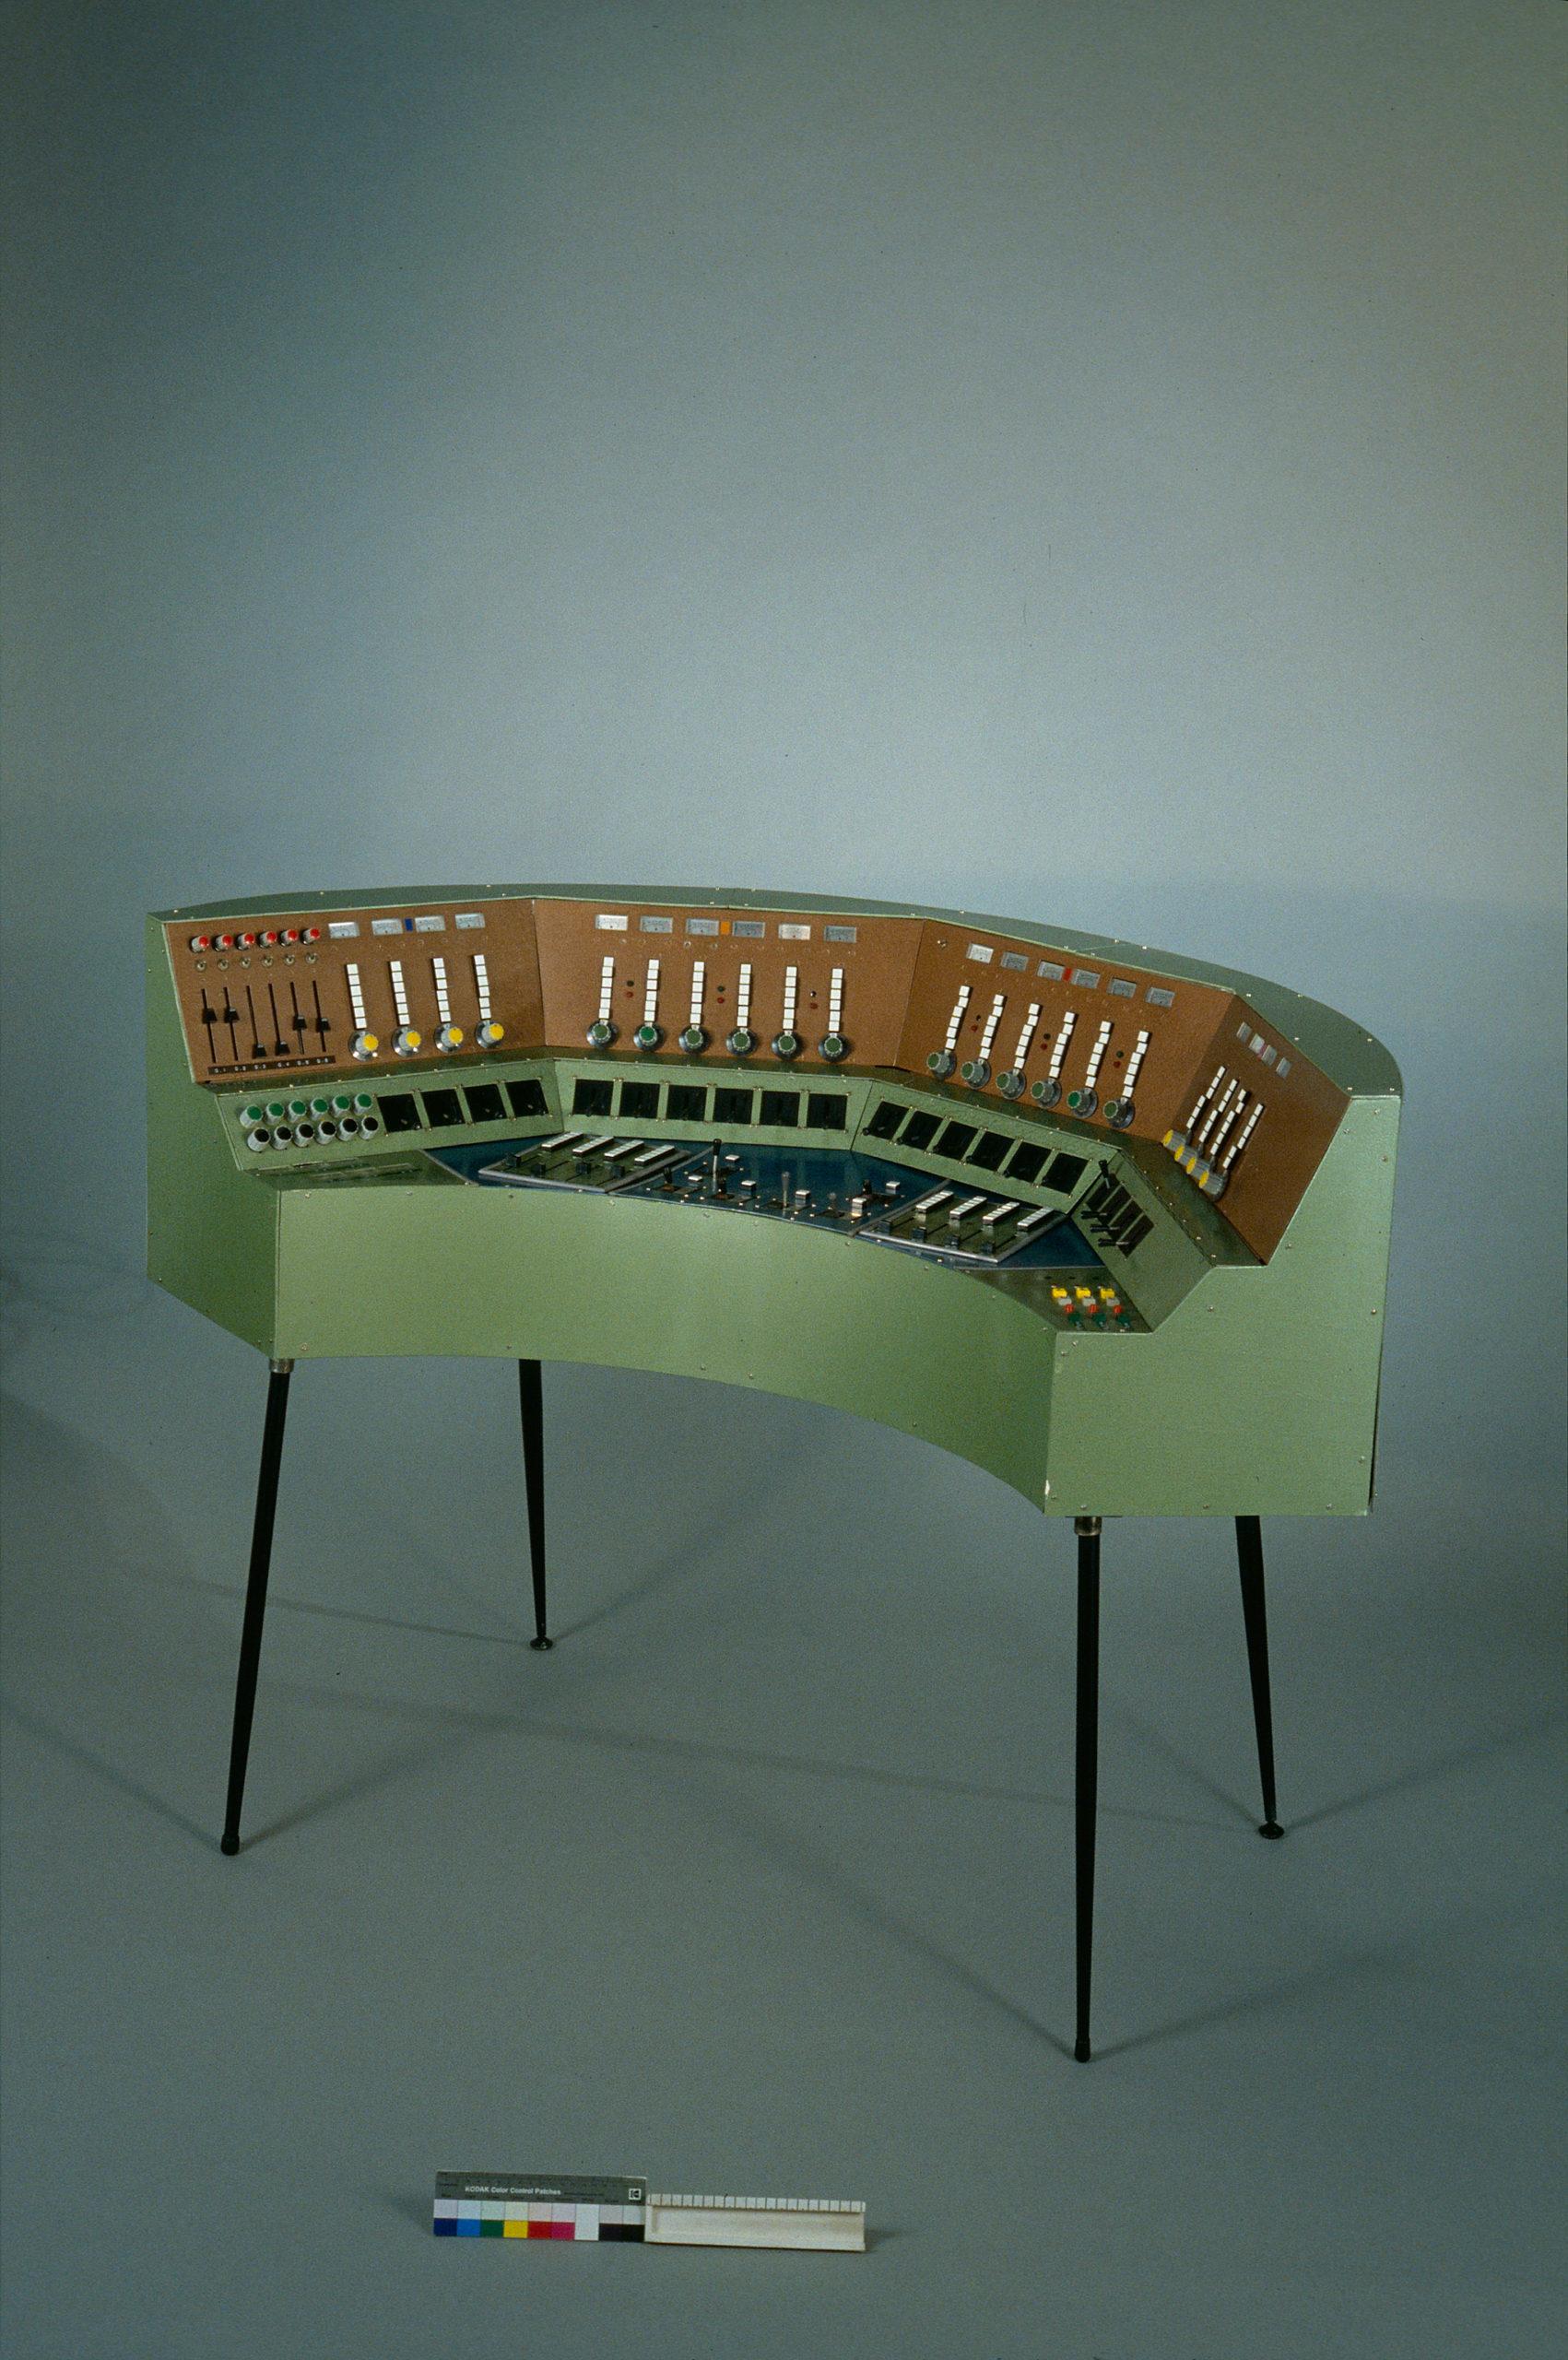 Gmebaphone 2, Christian Clozier, France 1975. Musée de la Musique Anglès